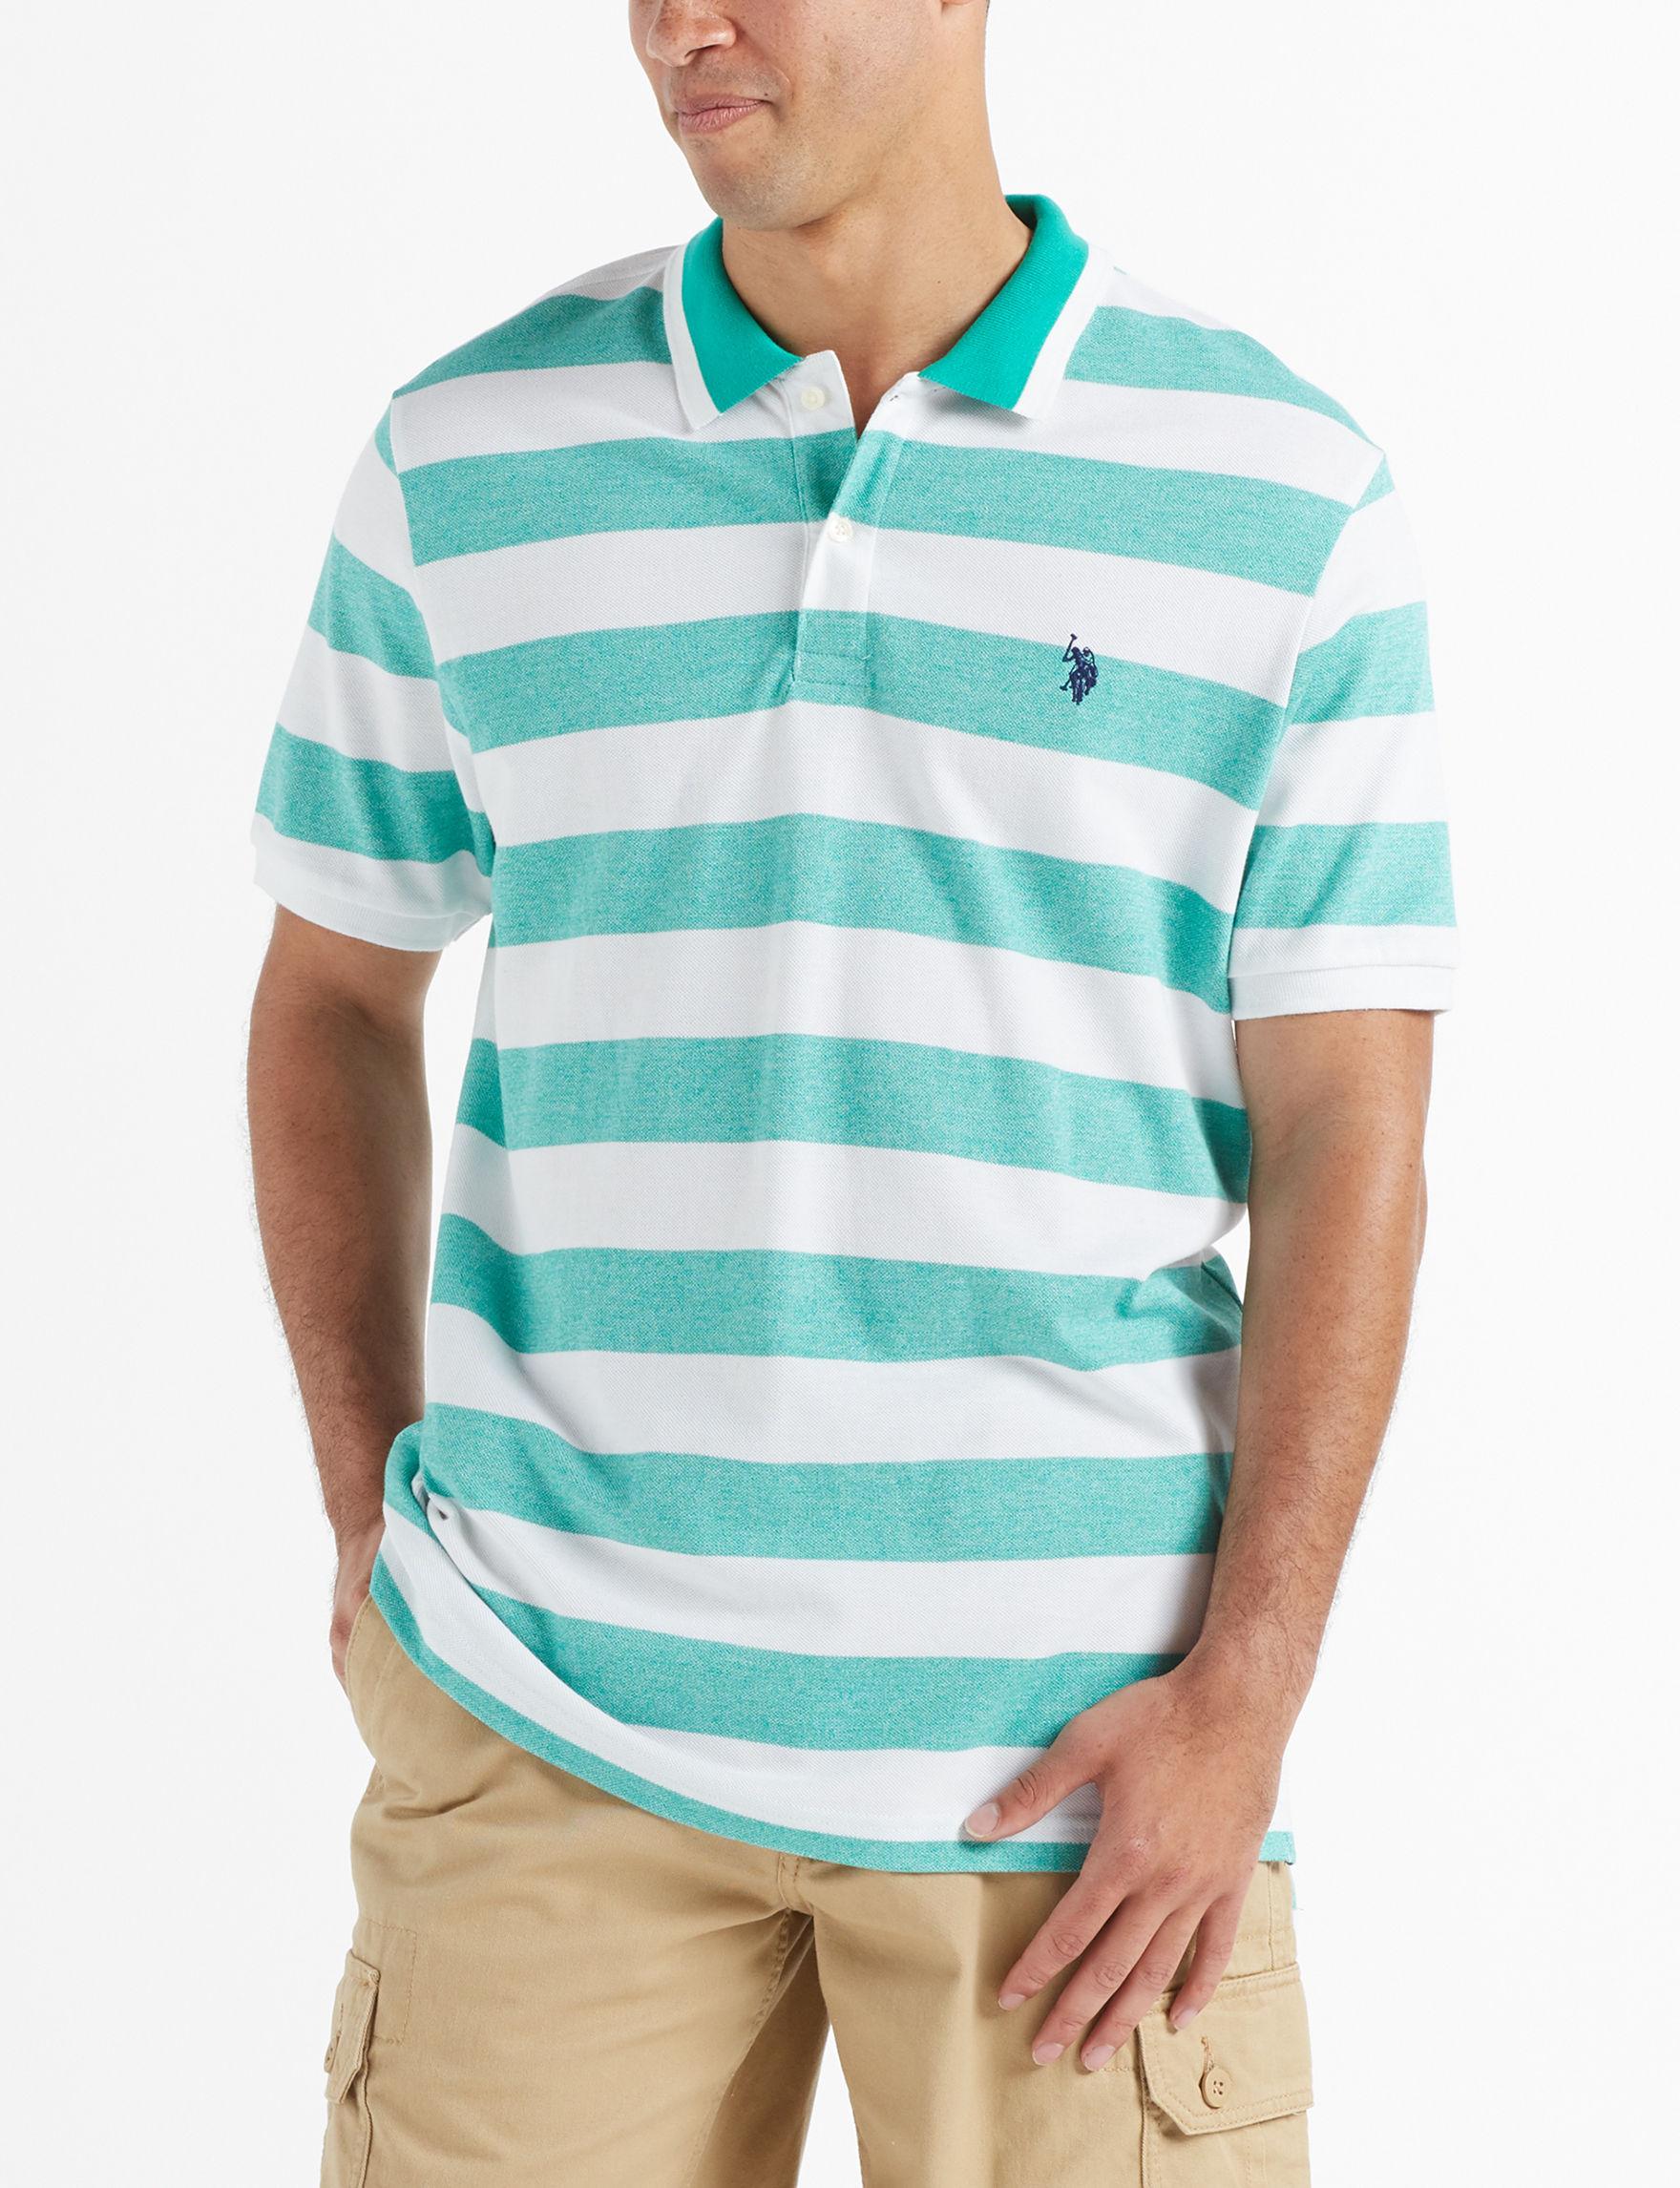 U.S. Polo Assn. Green / White Polos